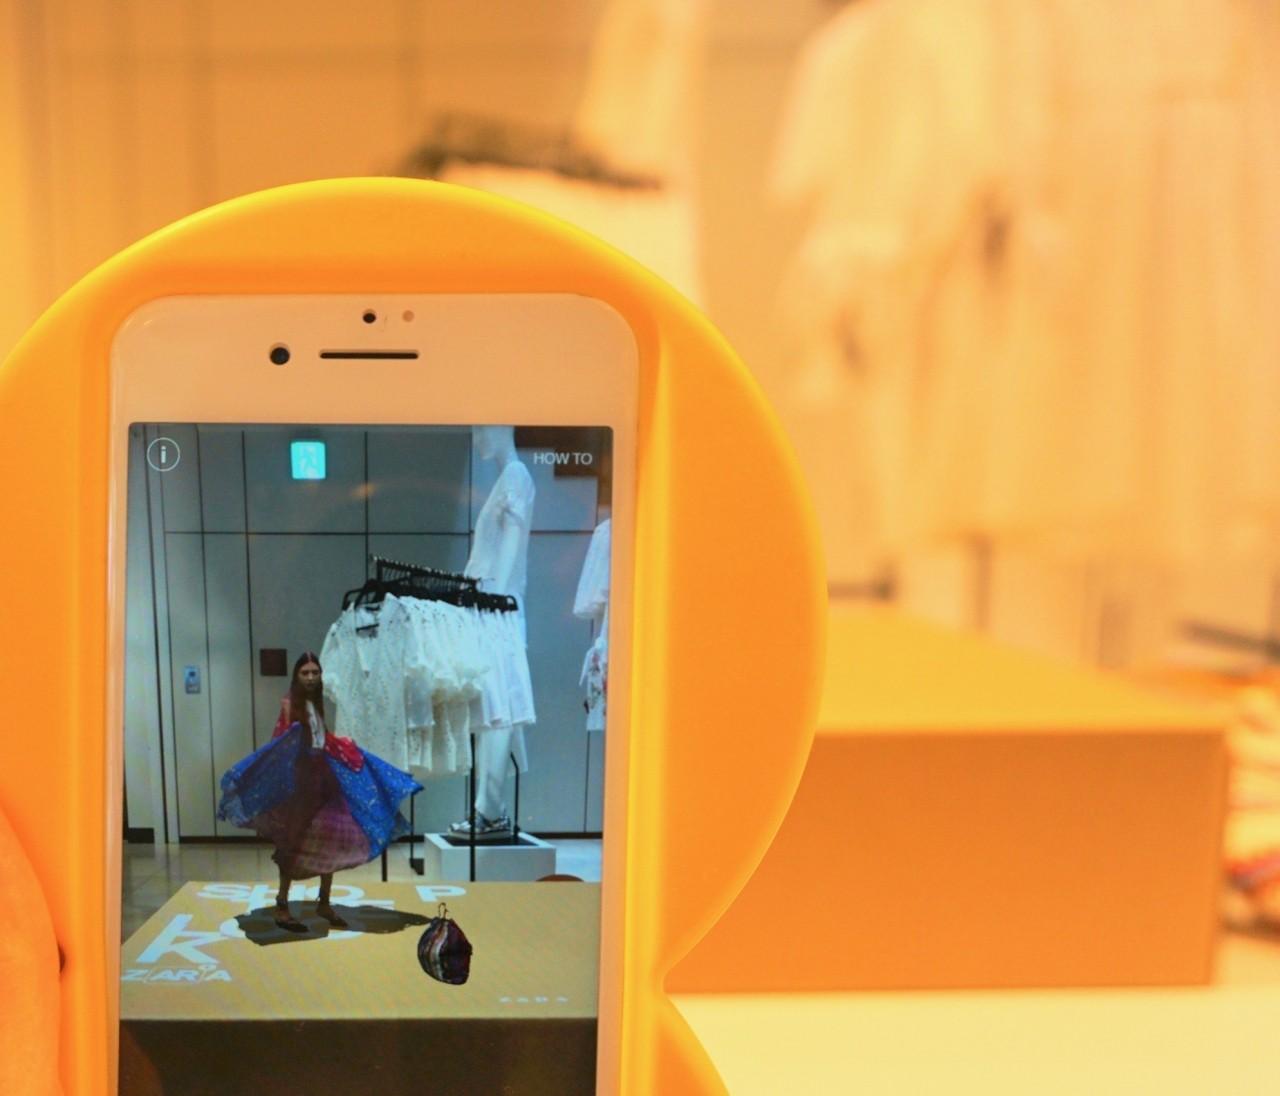 画面のなかでモデルが動く&しゃべる!【ZARA AR】アプリ期間限定体験